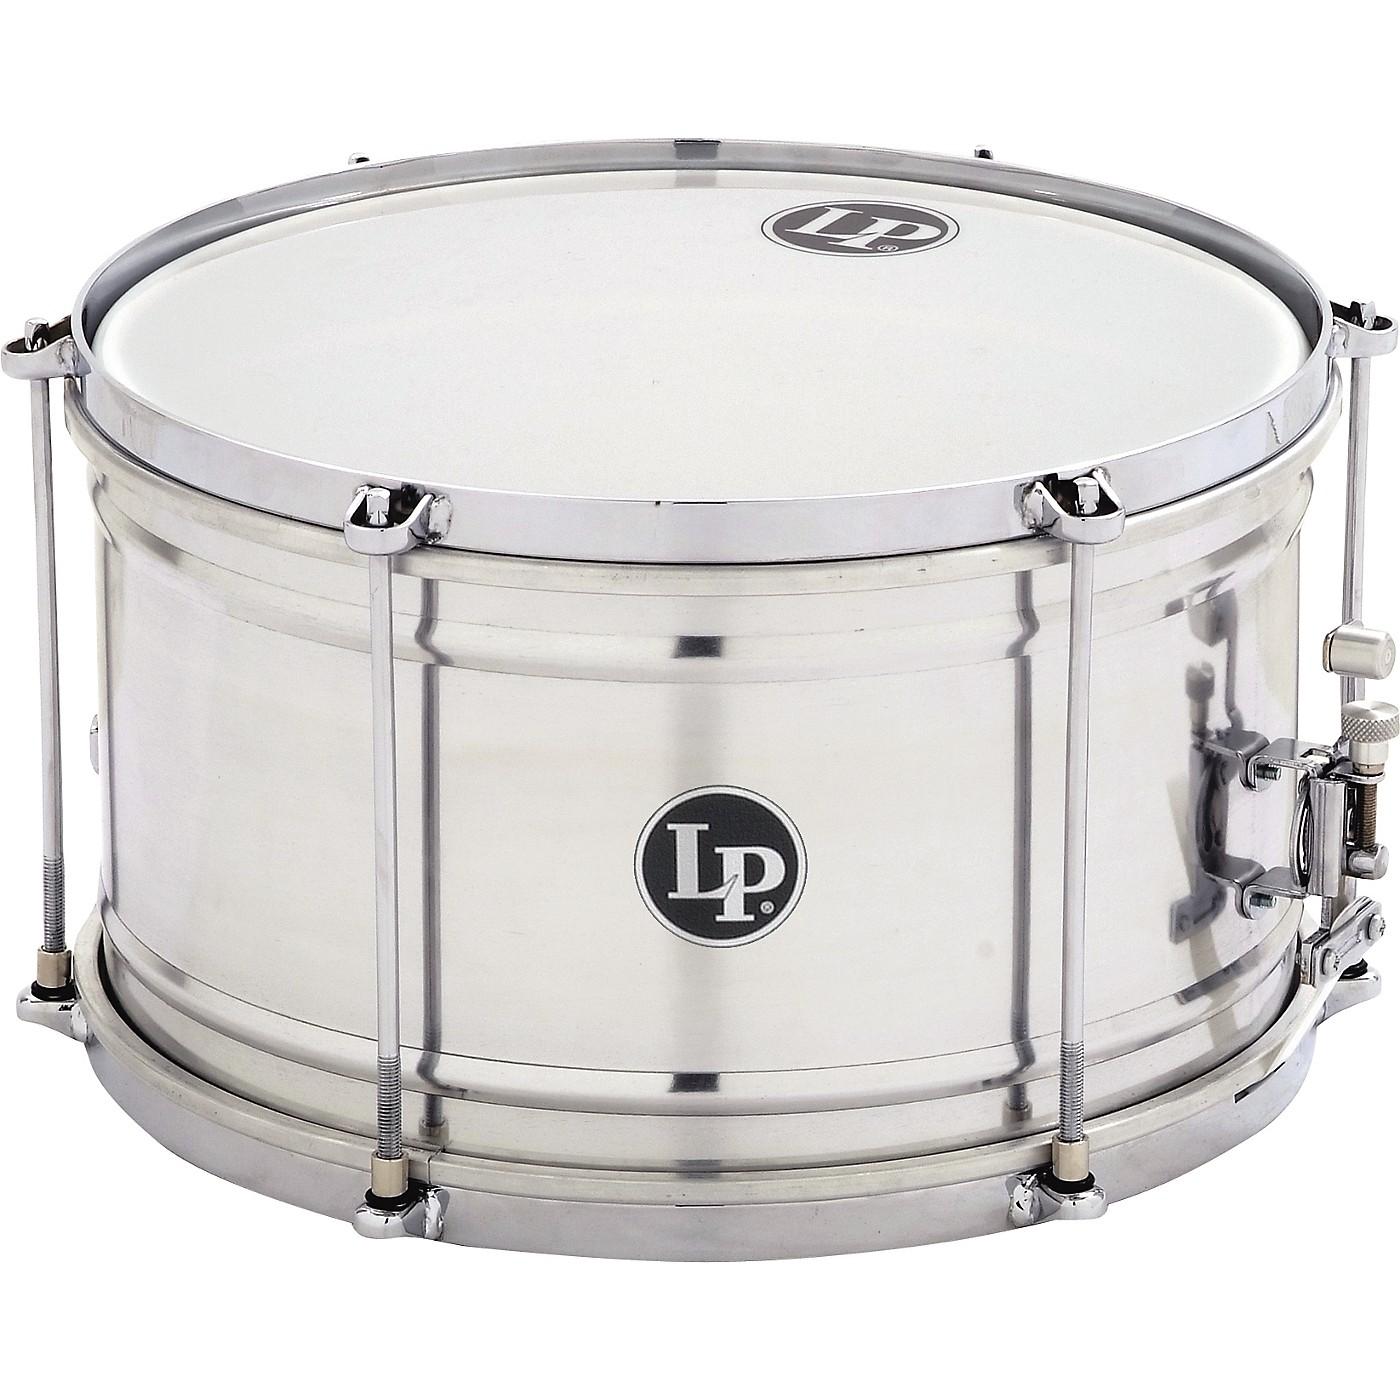 LP Aluminum Caixa Snare Drum thumbnail